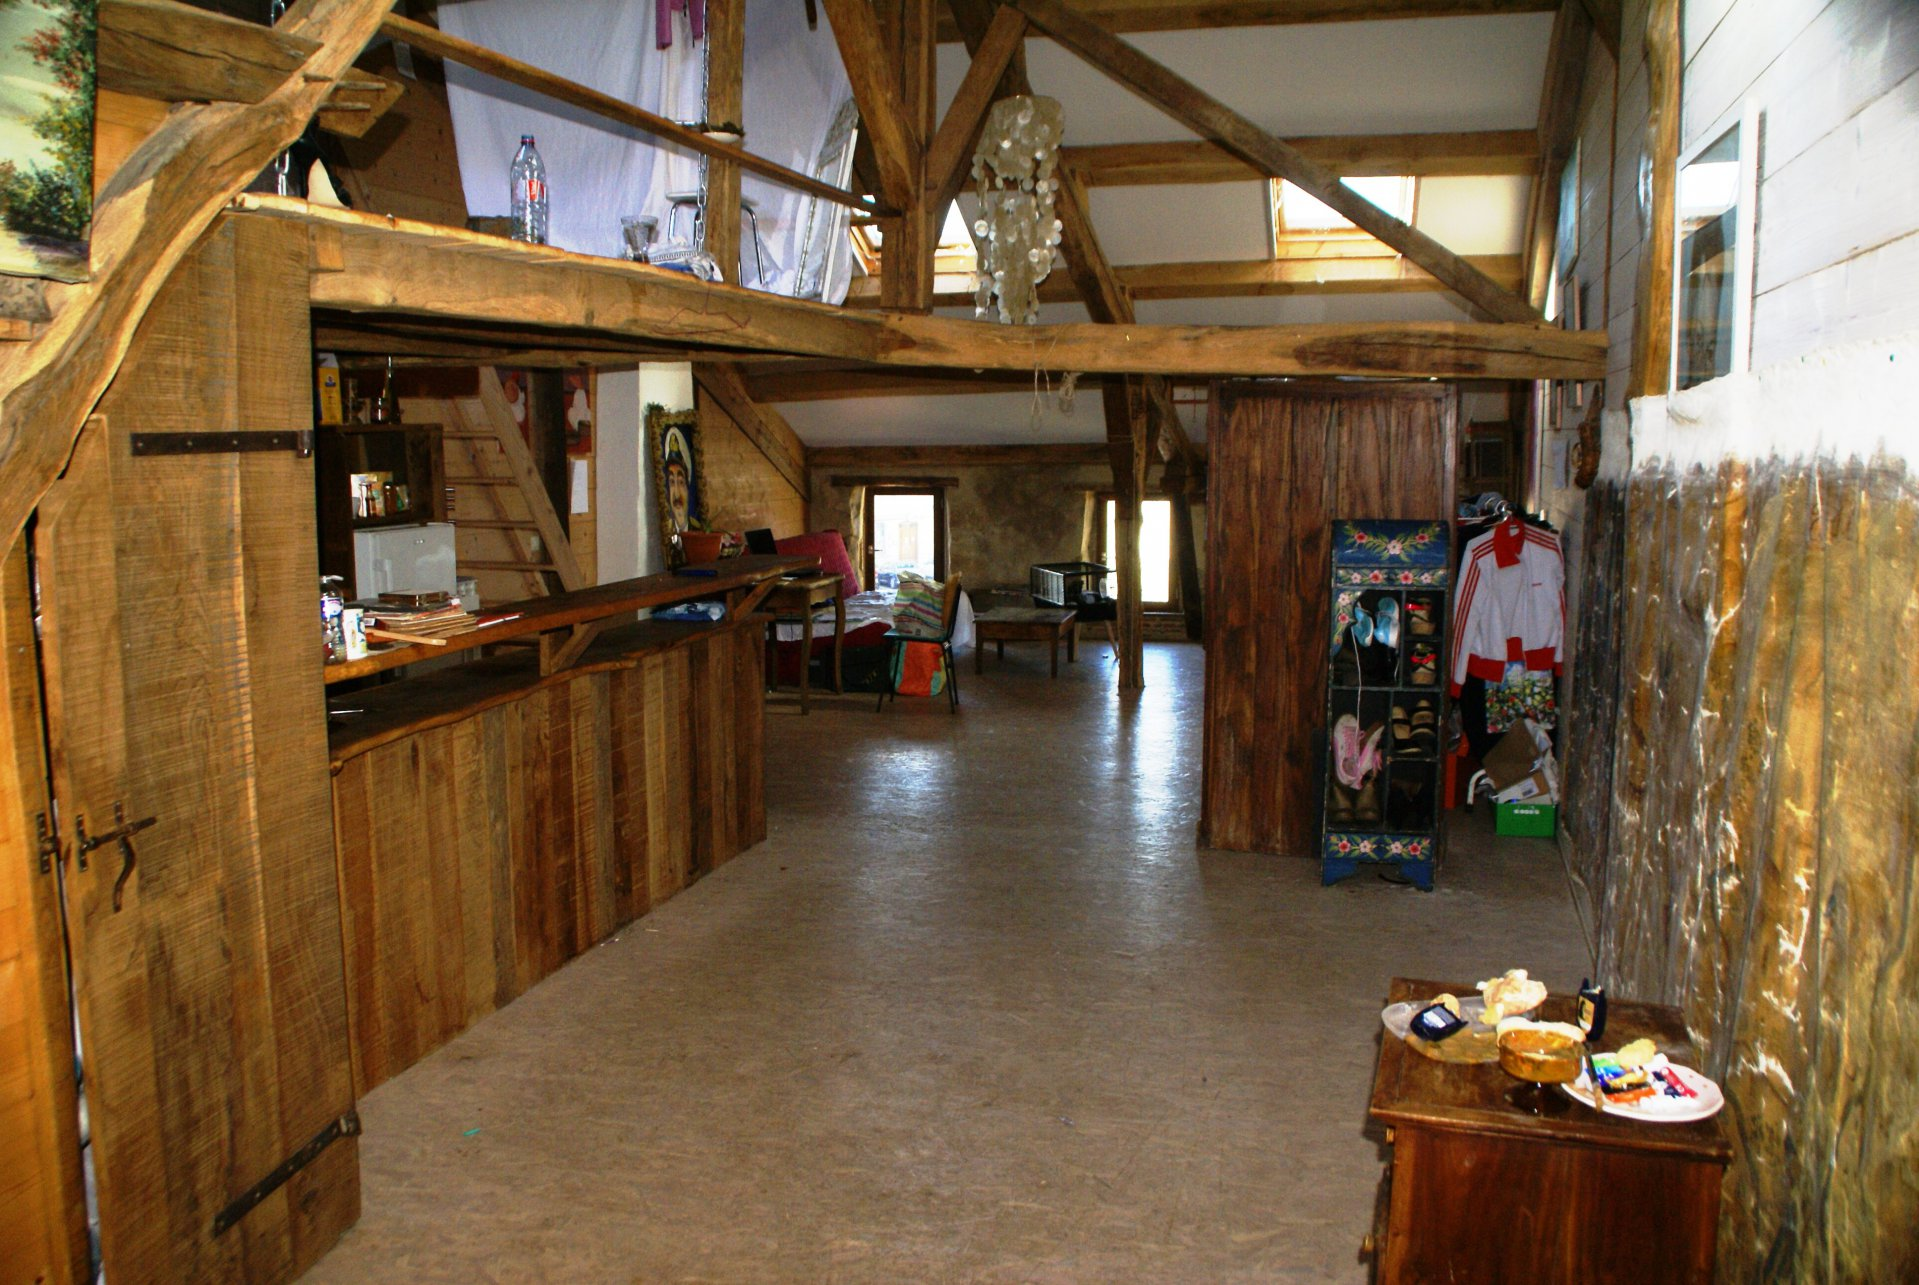 Brocantewinkel, restaurant, salon de thé met ruimte voor meer! Gers/Midi-Pyreneeën